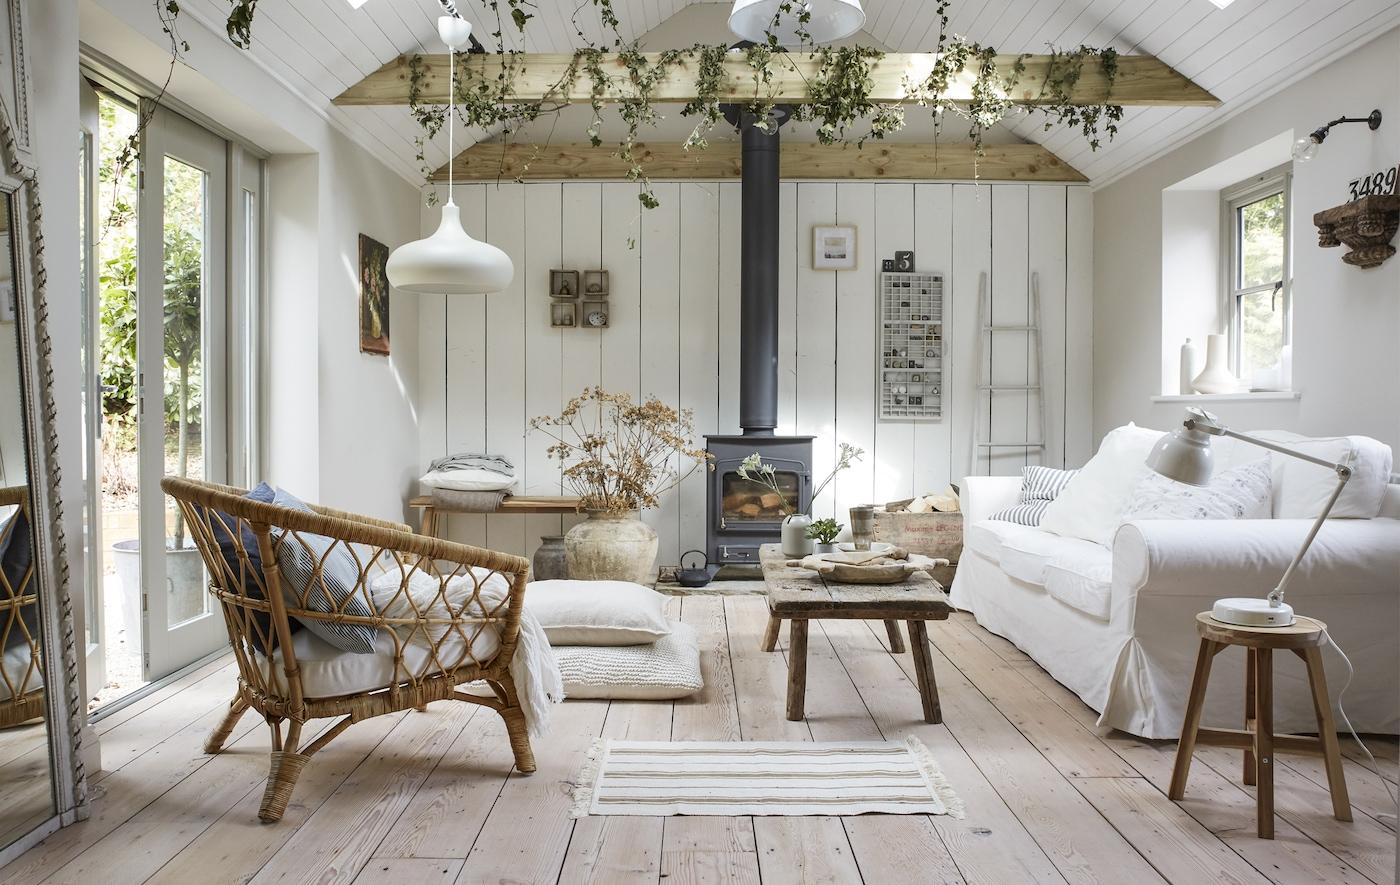 Come Decorare Una Cucina Rustica un casale nella campagna inglese - ikea it